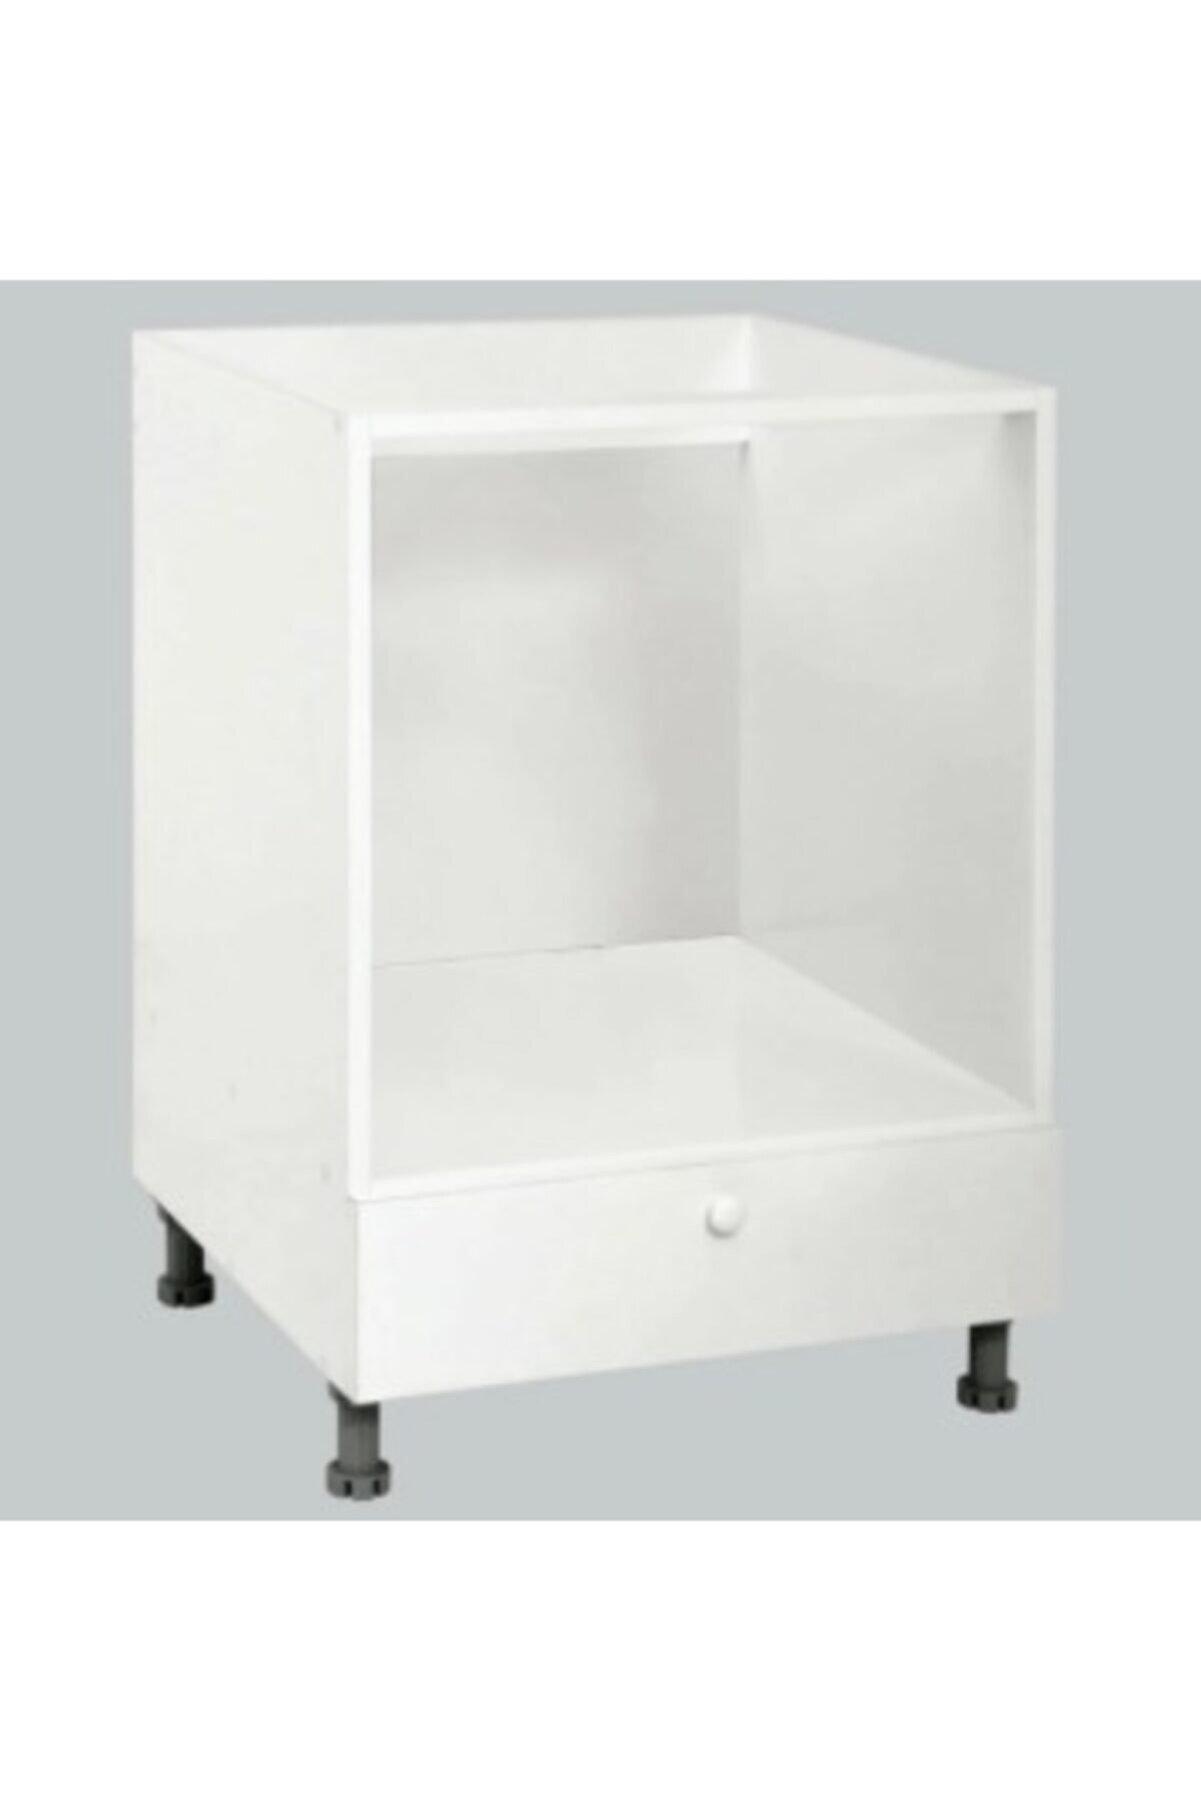 Vip Home Ankastre Mutfak Dolabı Düz-çekmeceli-kapaklı Modül Tüm Setlere Vda-389